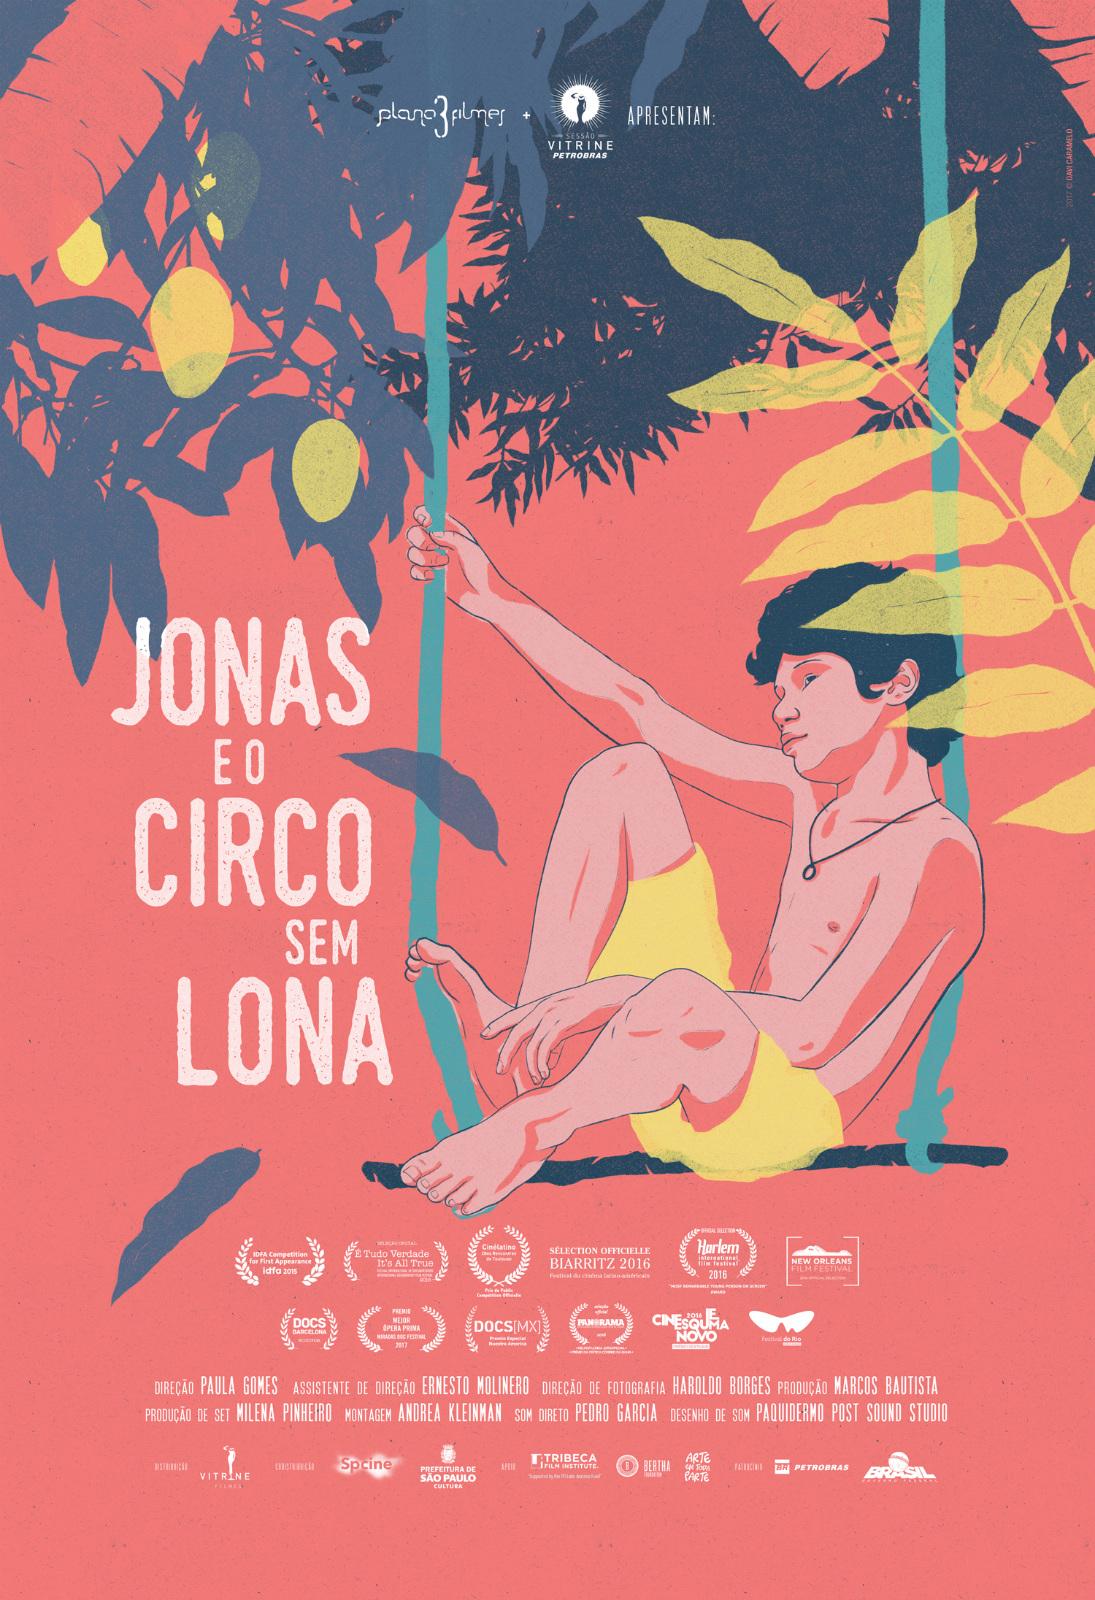 Resultado de imagem para Jonas e o circo sem lona